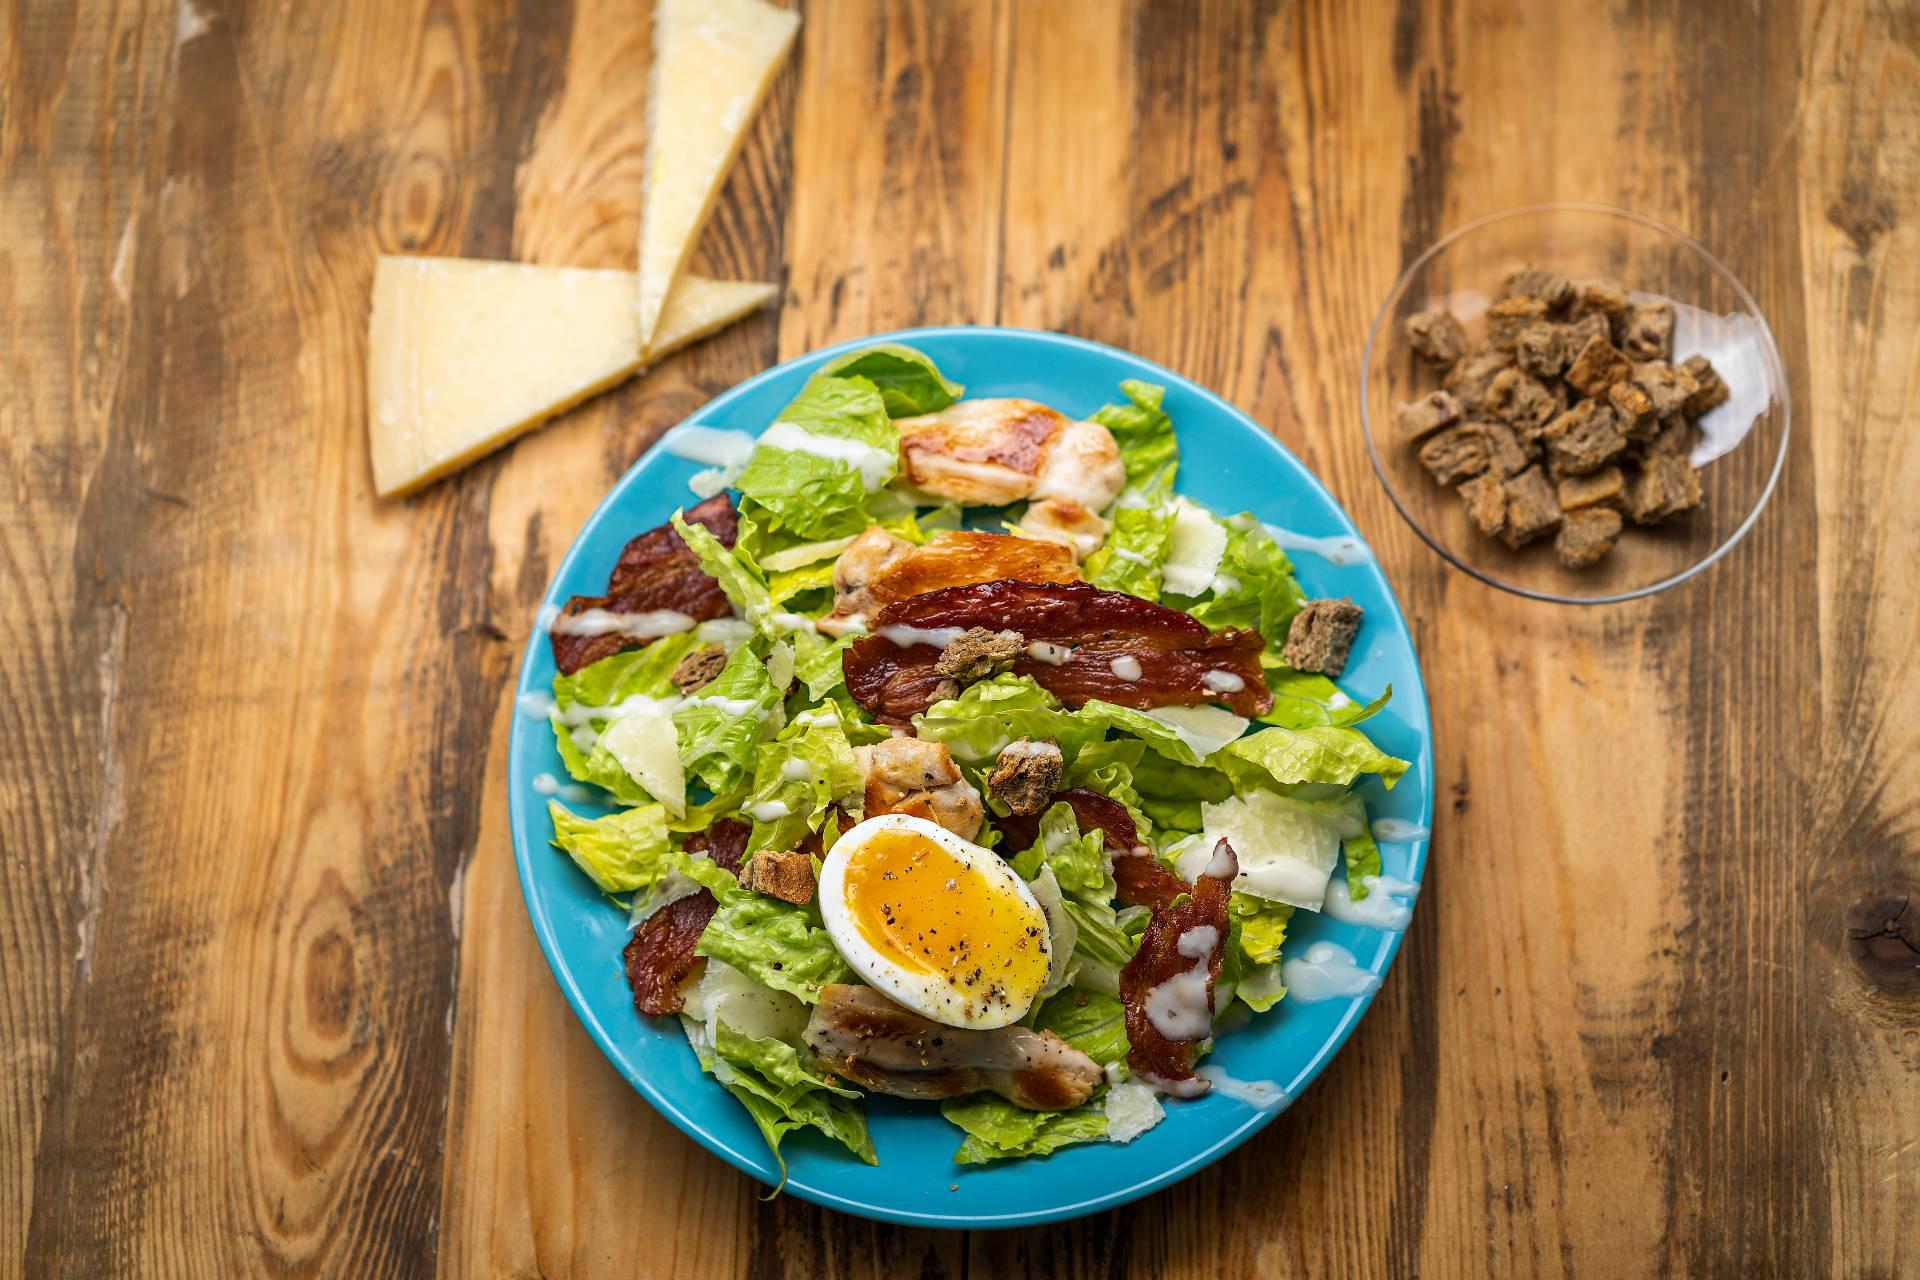 Caesar salát s nízkokalorickým dresinkem a kuřecími plátky